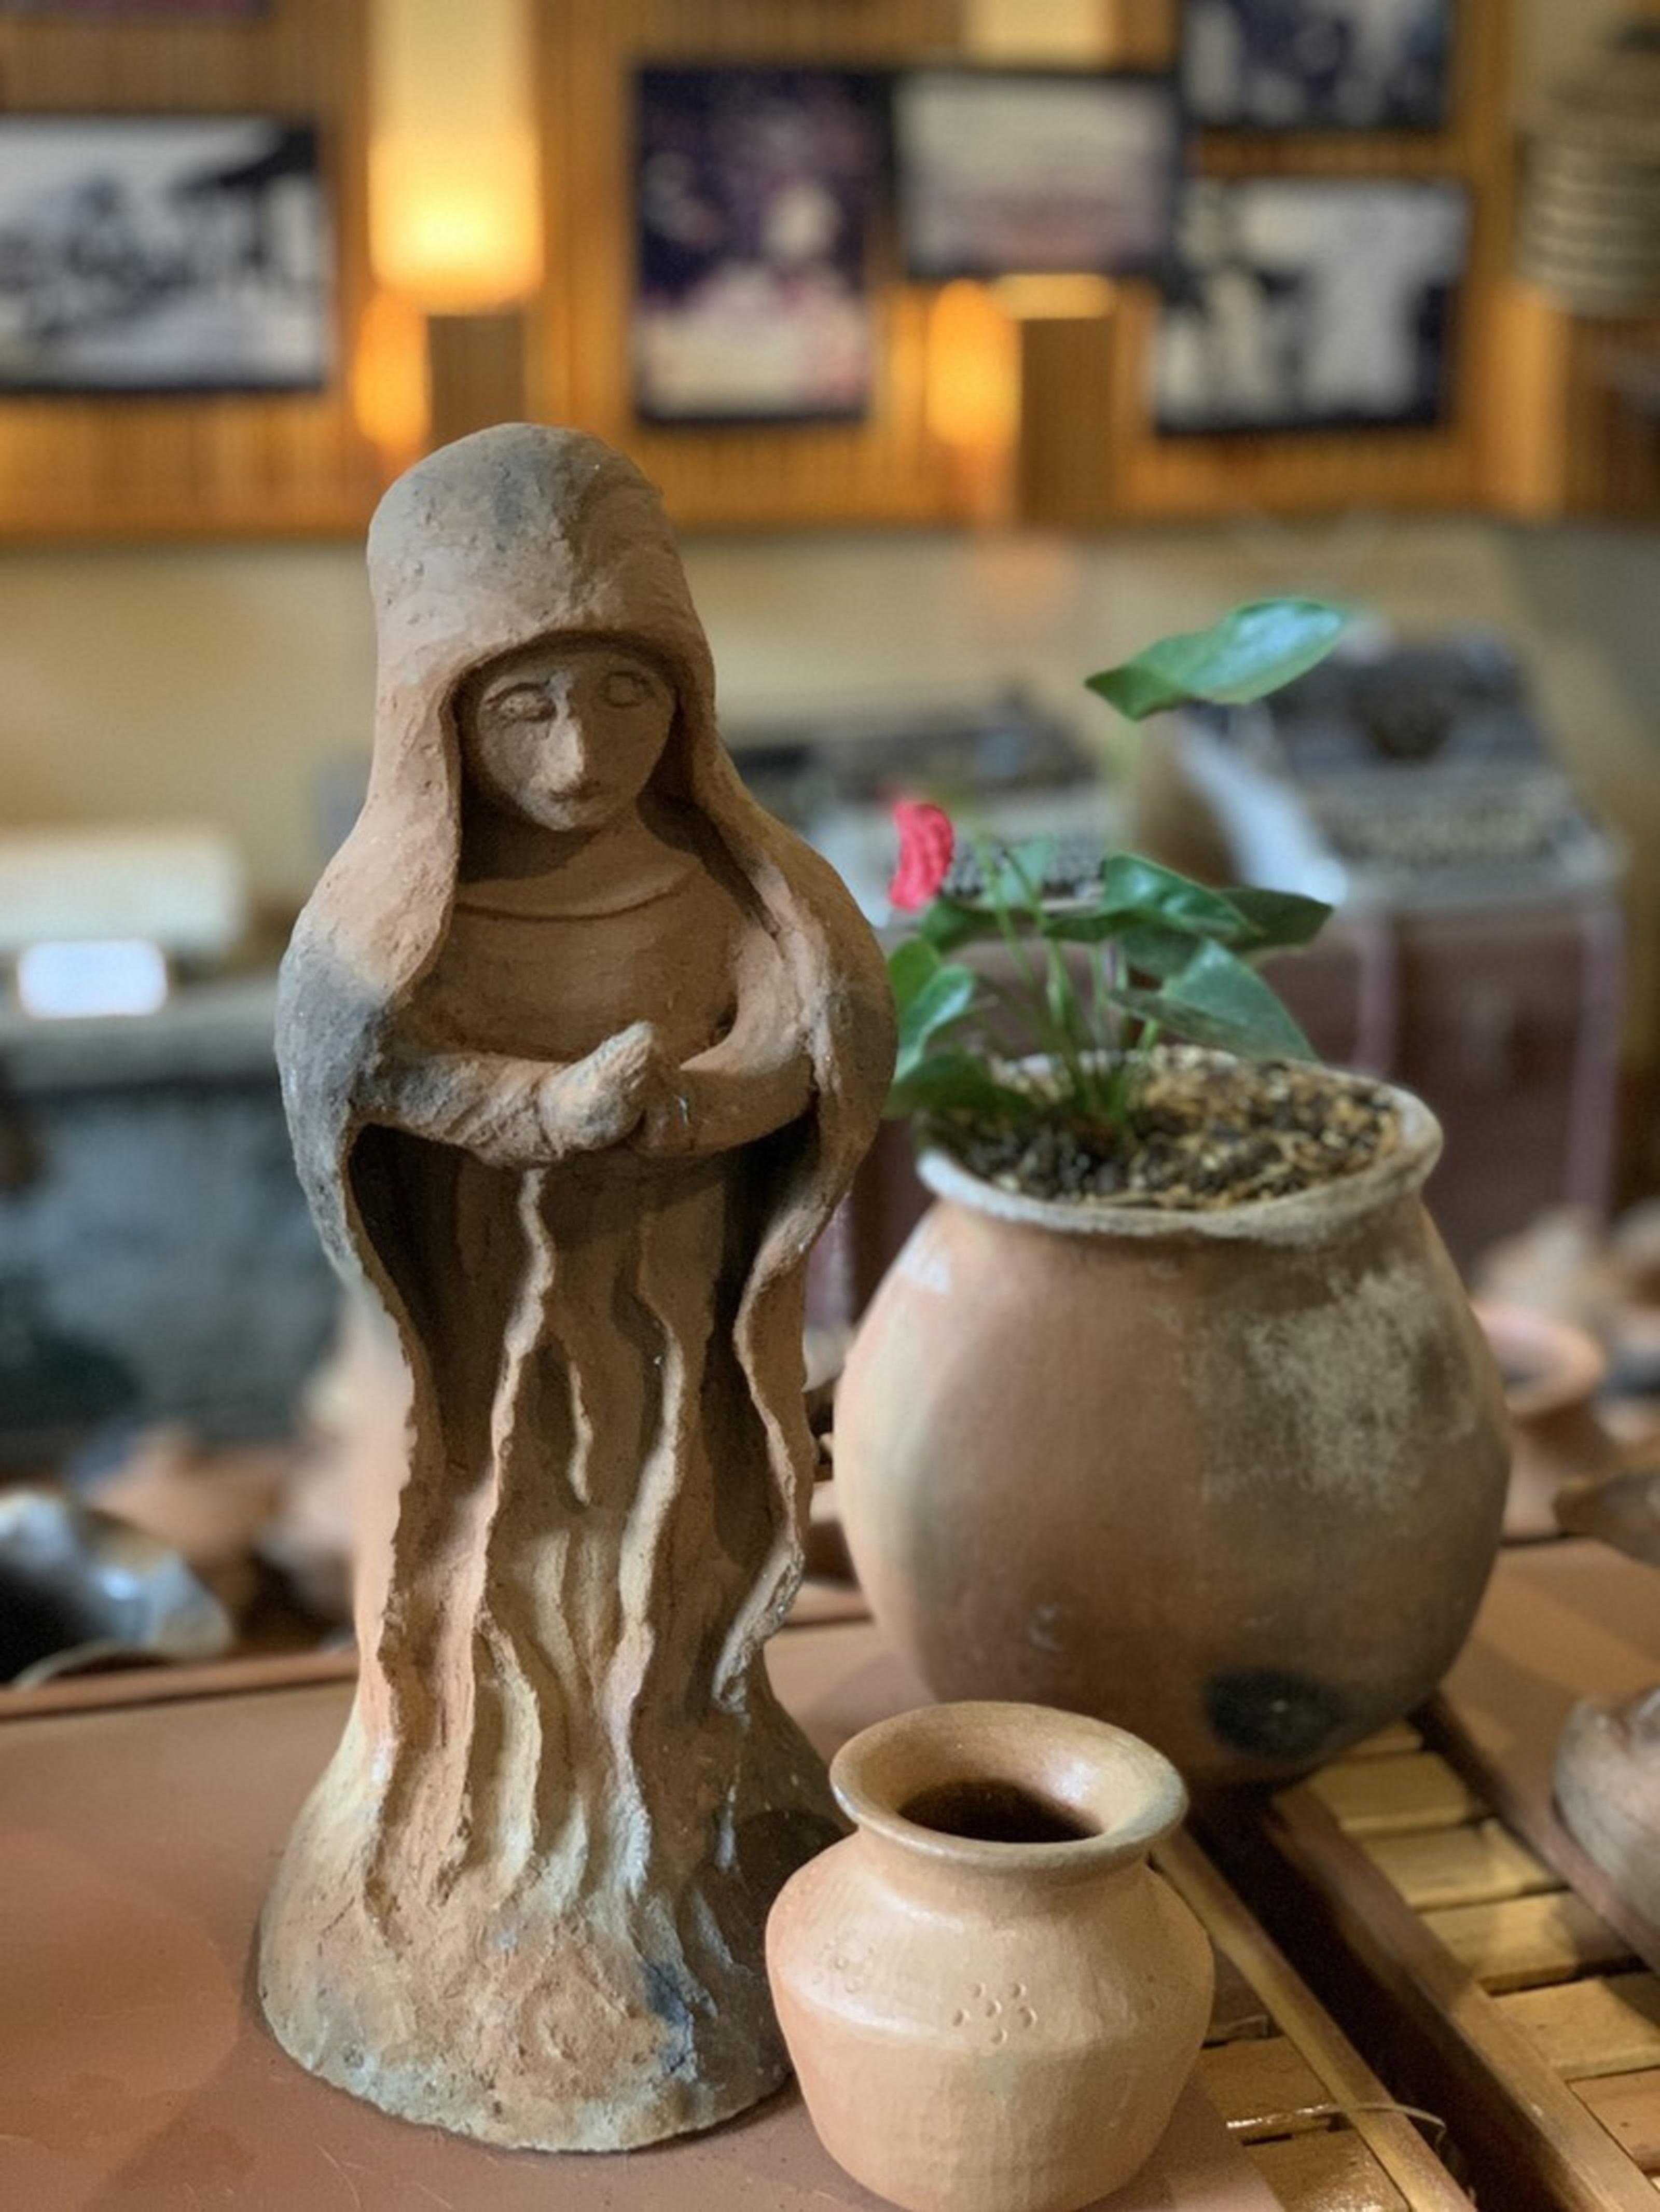 Gốm mộc truyền thống của đồng bào Churu không nhiều hoạ tiết nhưng mềm mại nhờ bàn tay khéo léo nặn thủ công của các nghệ nhân.